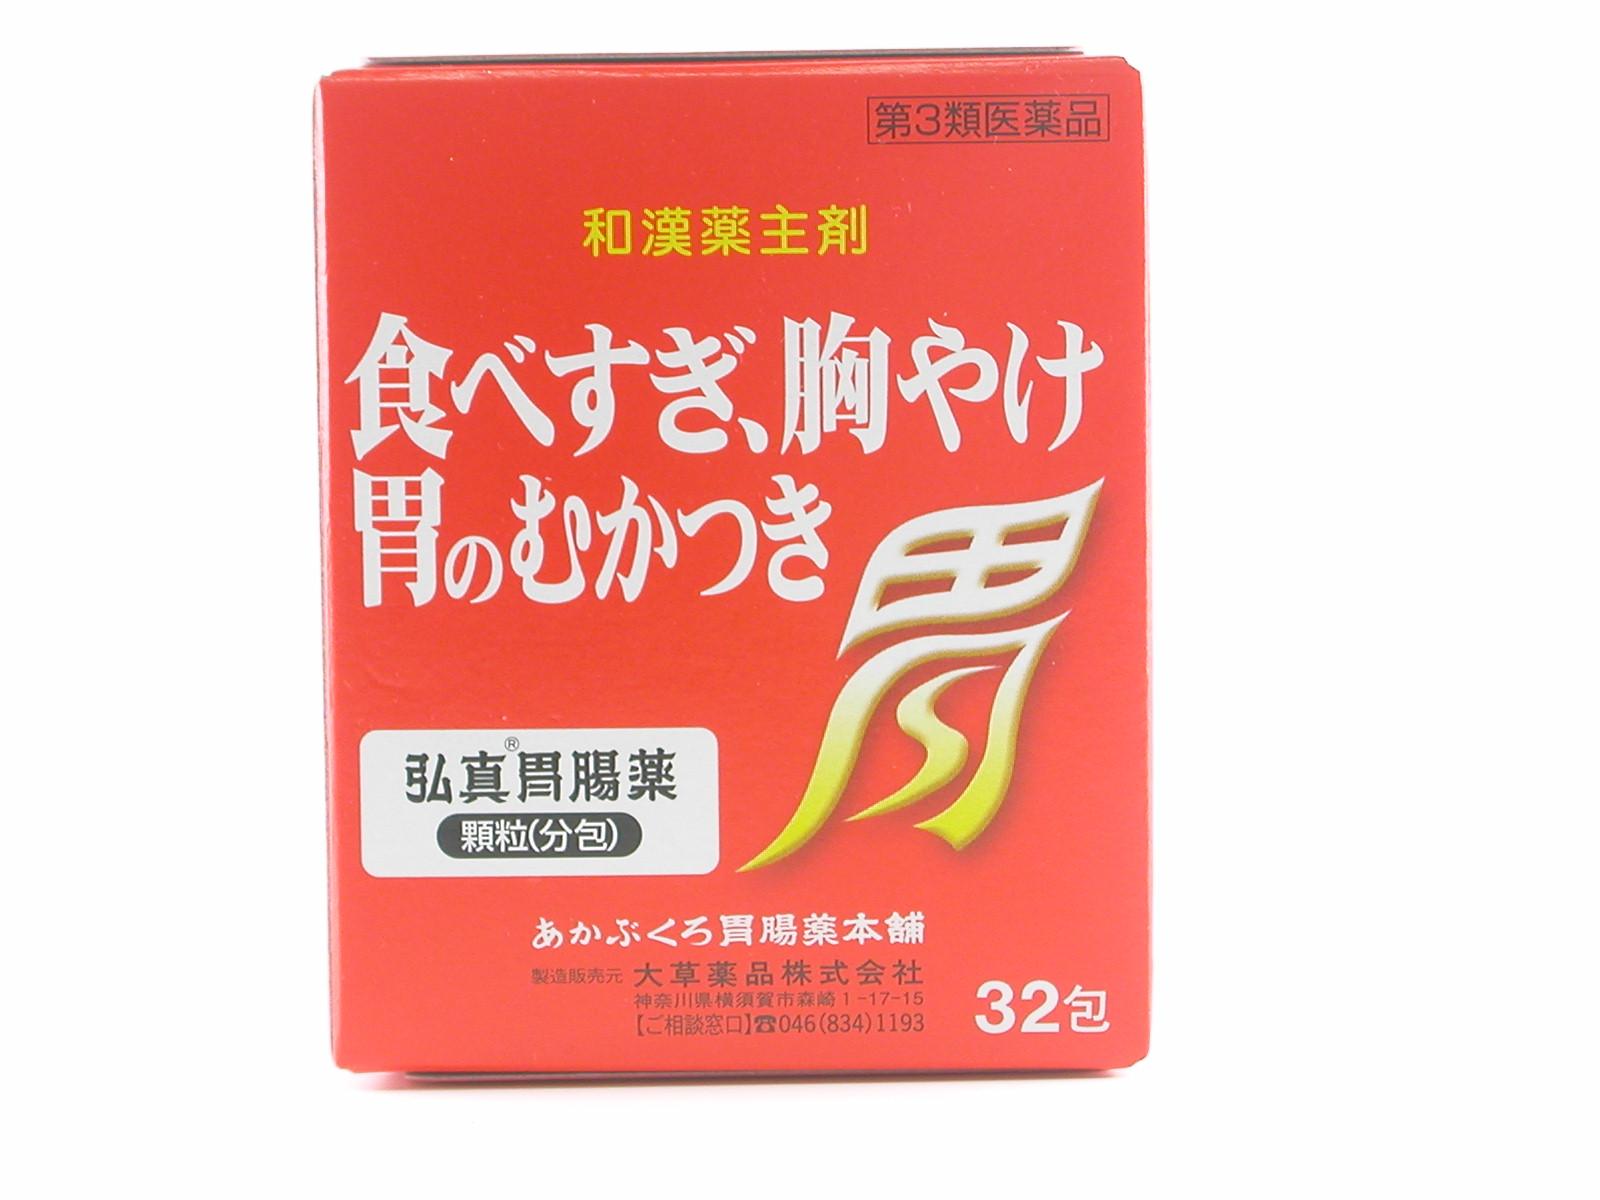 弘真胃腸薬 顆粒 【第3類医薬品】